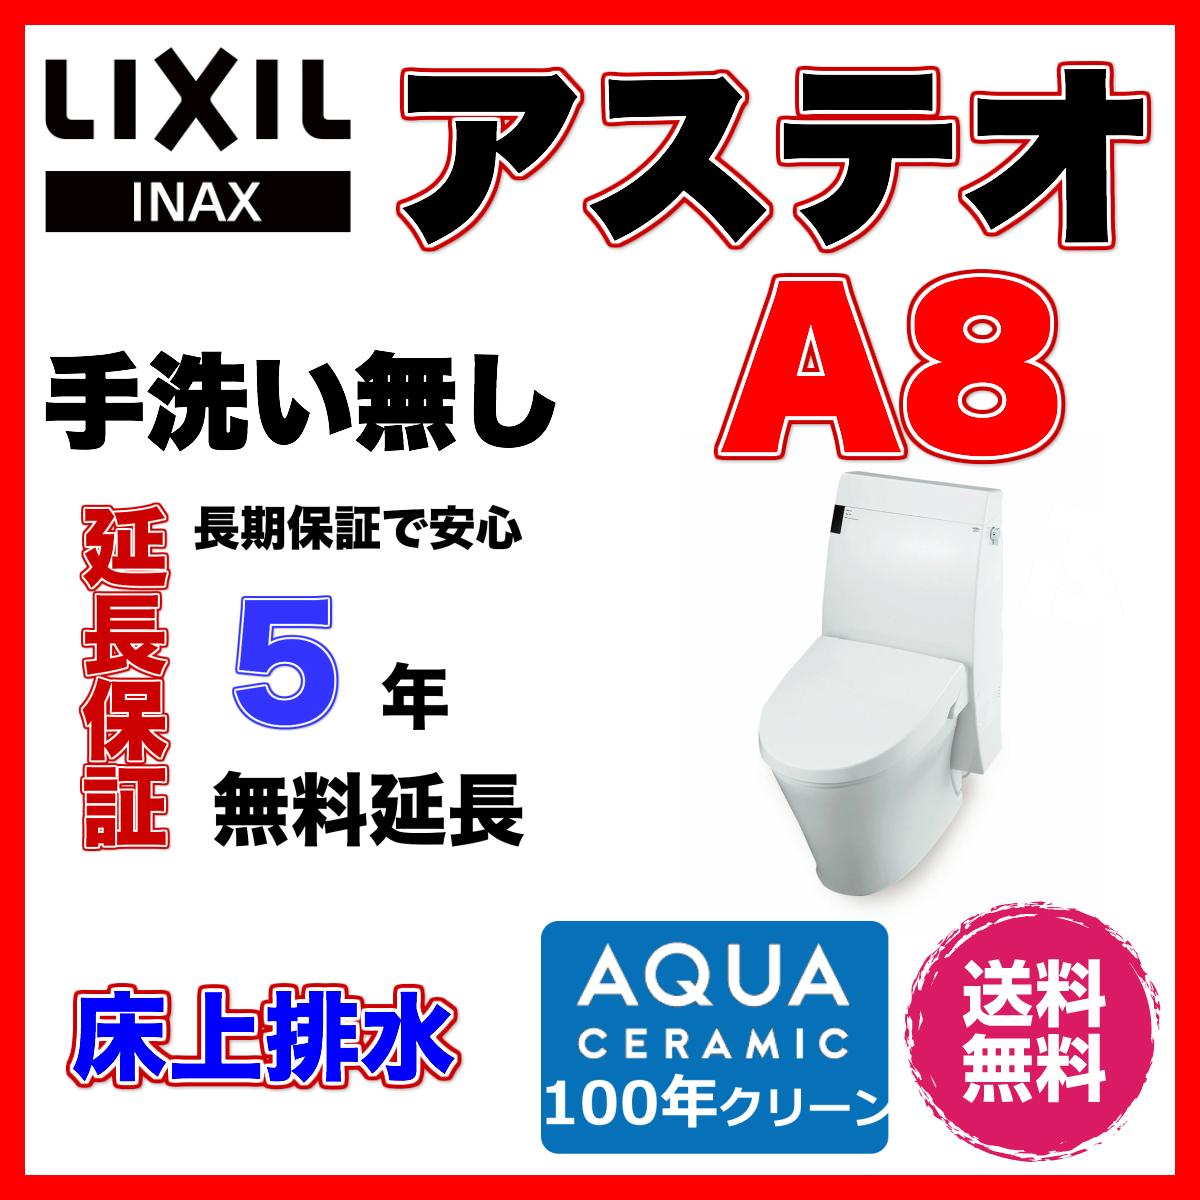 アステオ A8タイプ LIXIL トイレ 【YBC-A10P+DT-358J 】手洗い無し 床上排水 ECO6 アクアセラミック付 INAX しっかり流れる タンク付トイレ